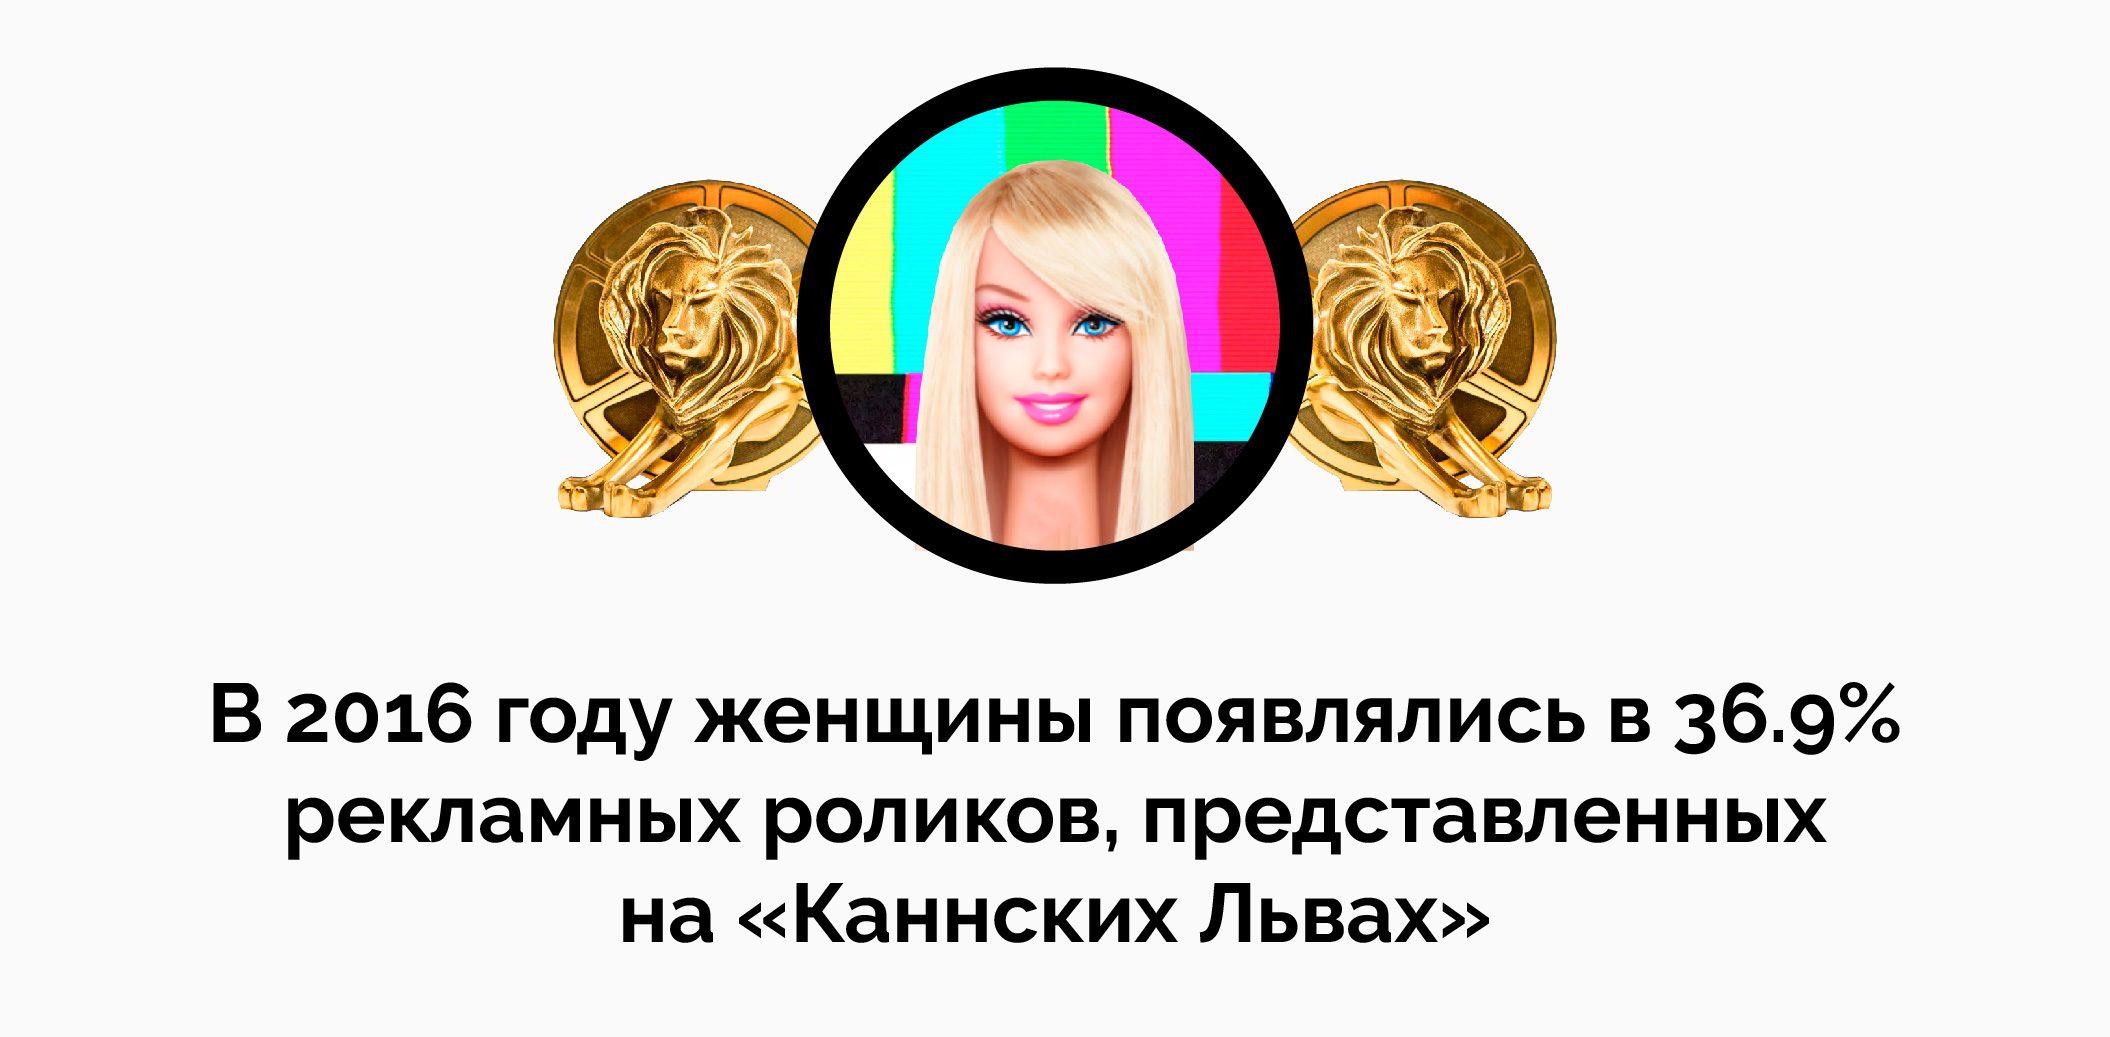 Как появился сексизм и почему он всё ещё существует | brodude.ru